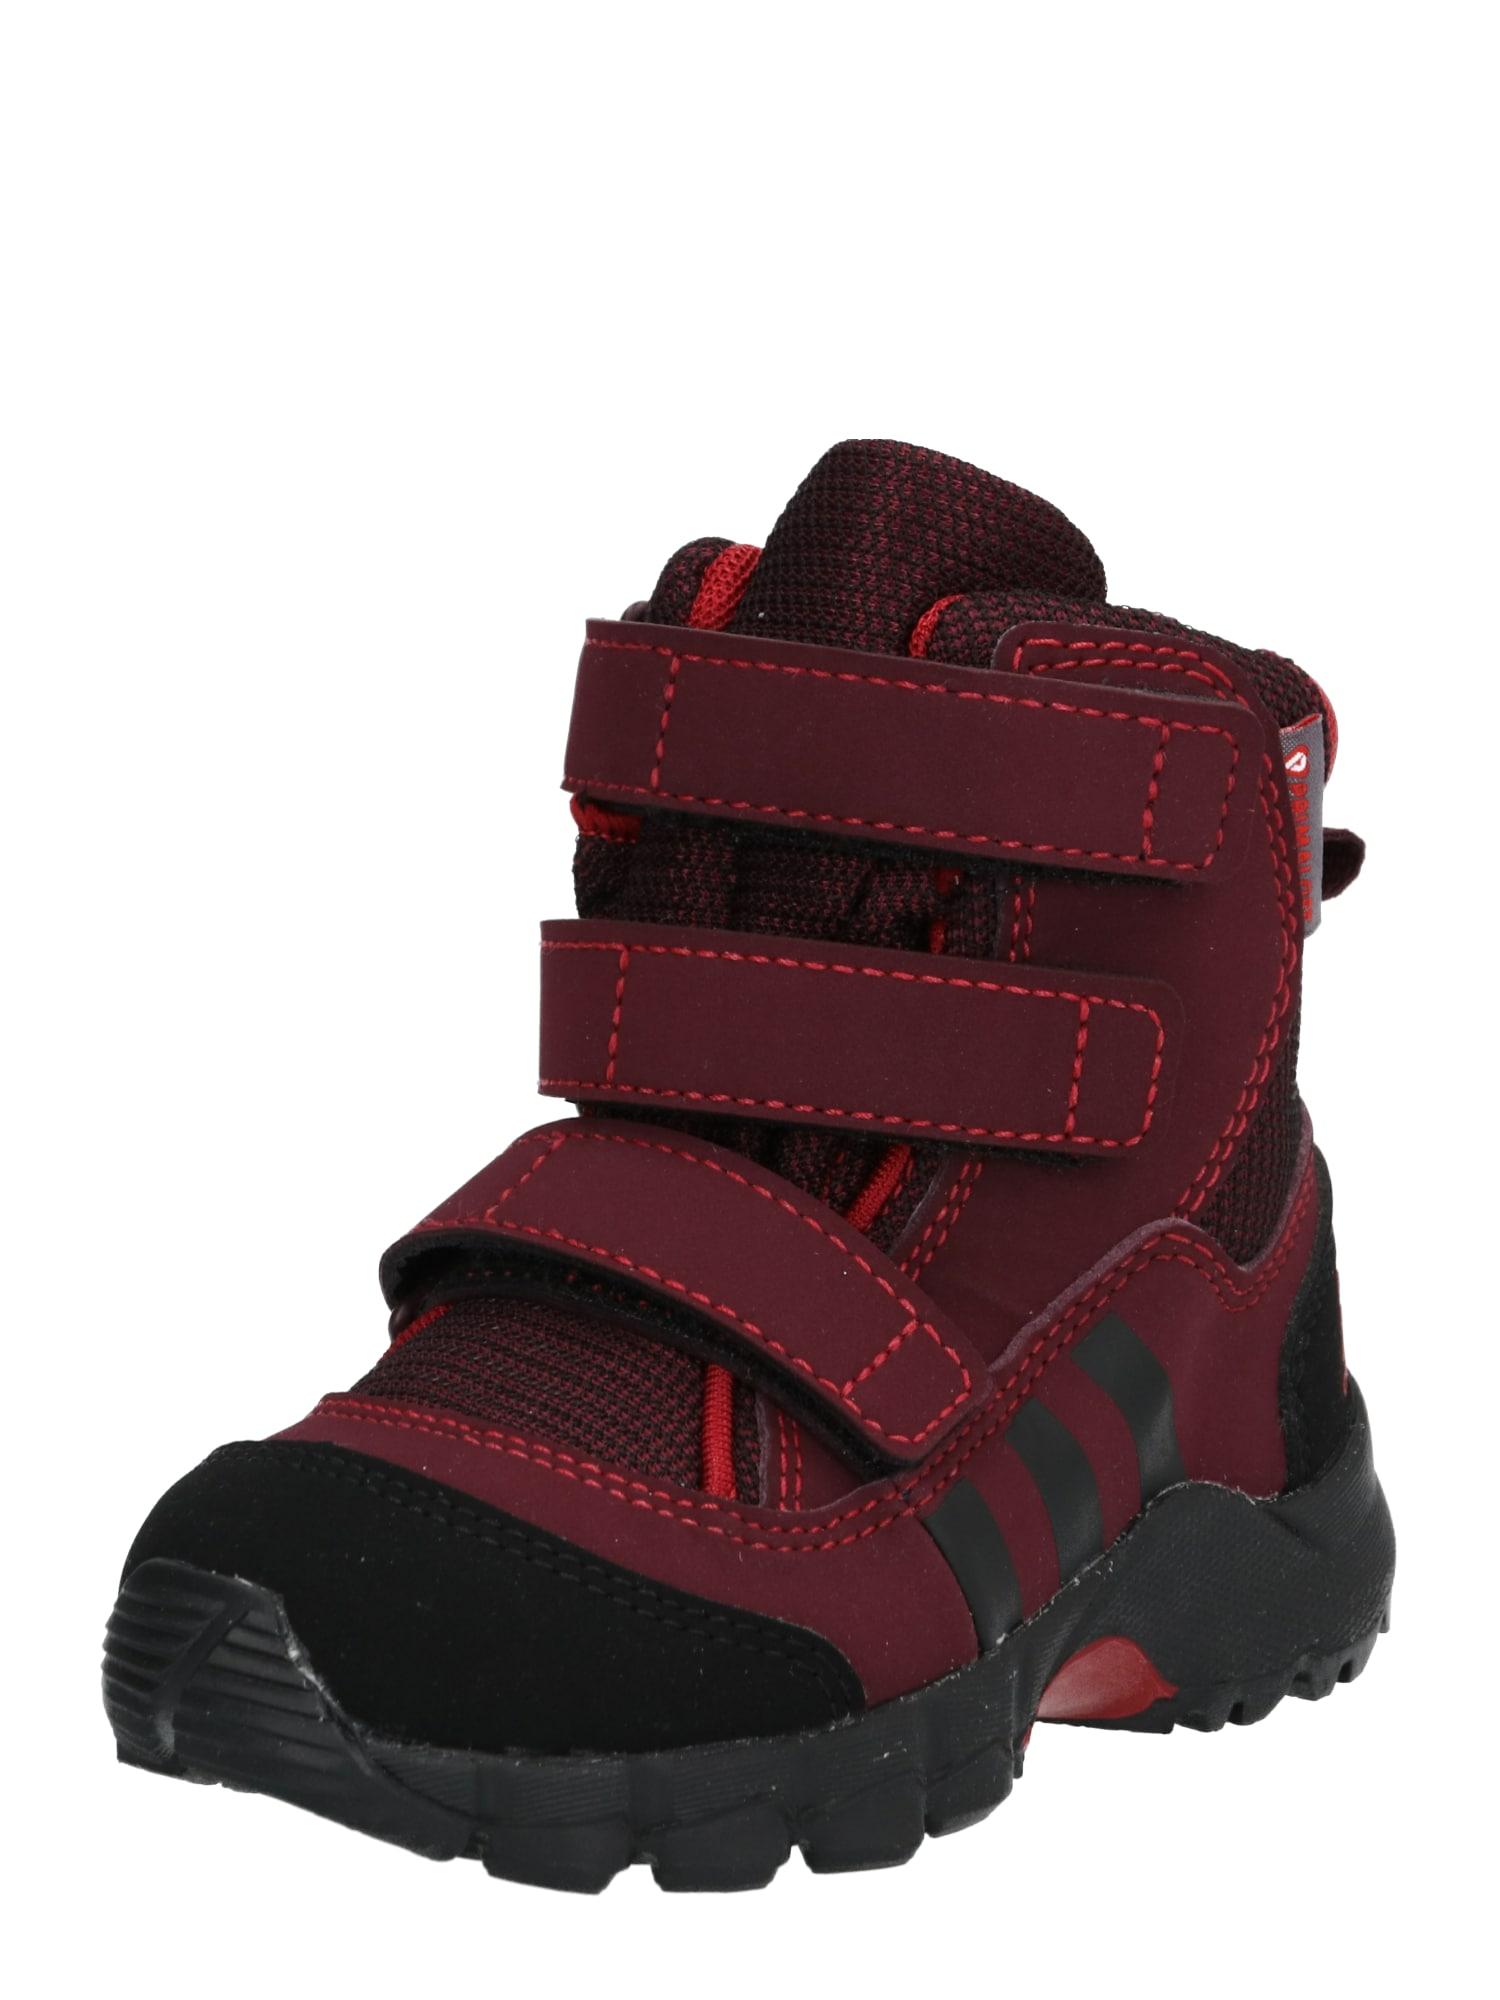 ADIDAS PERFORMANCE Sportiniai batai 'Holtanna Snow' tamsiai raudona / juoda